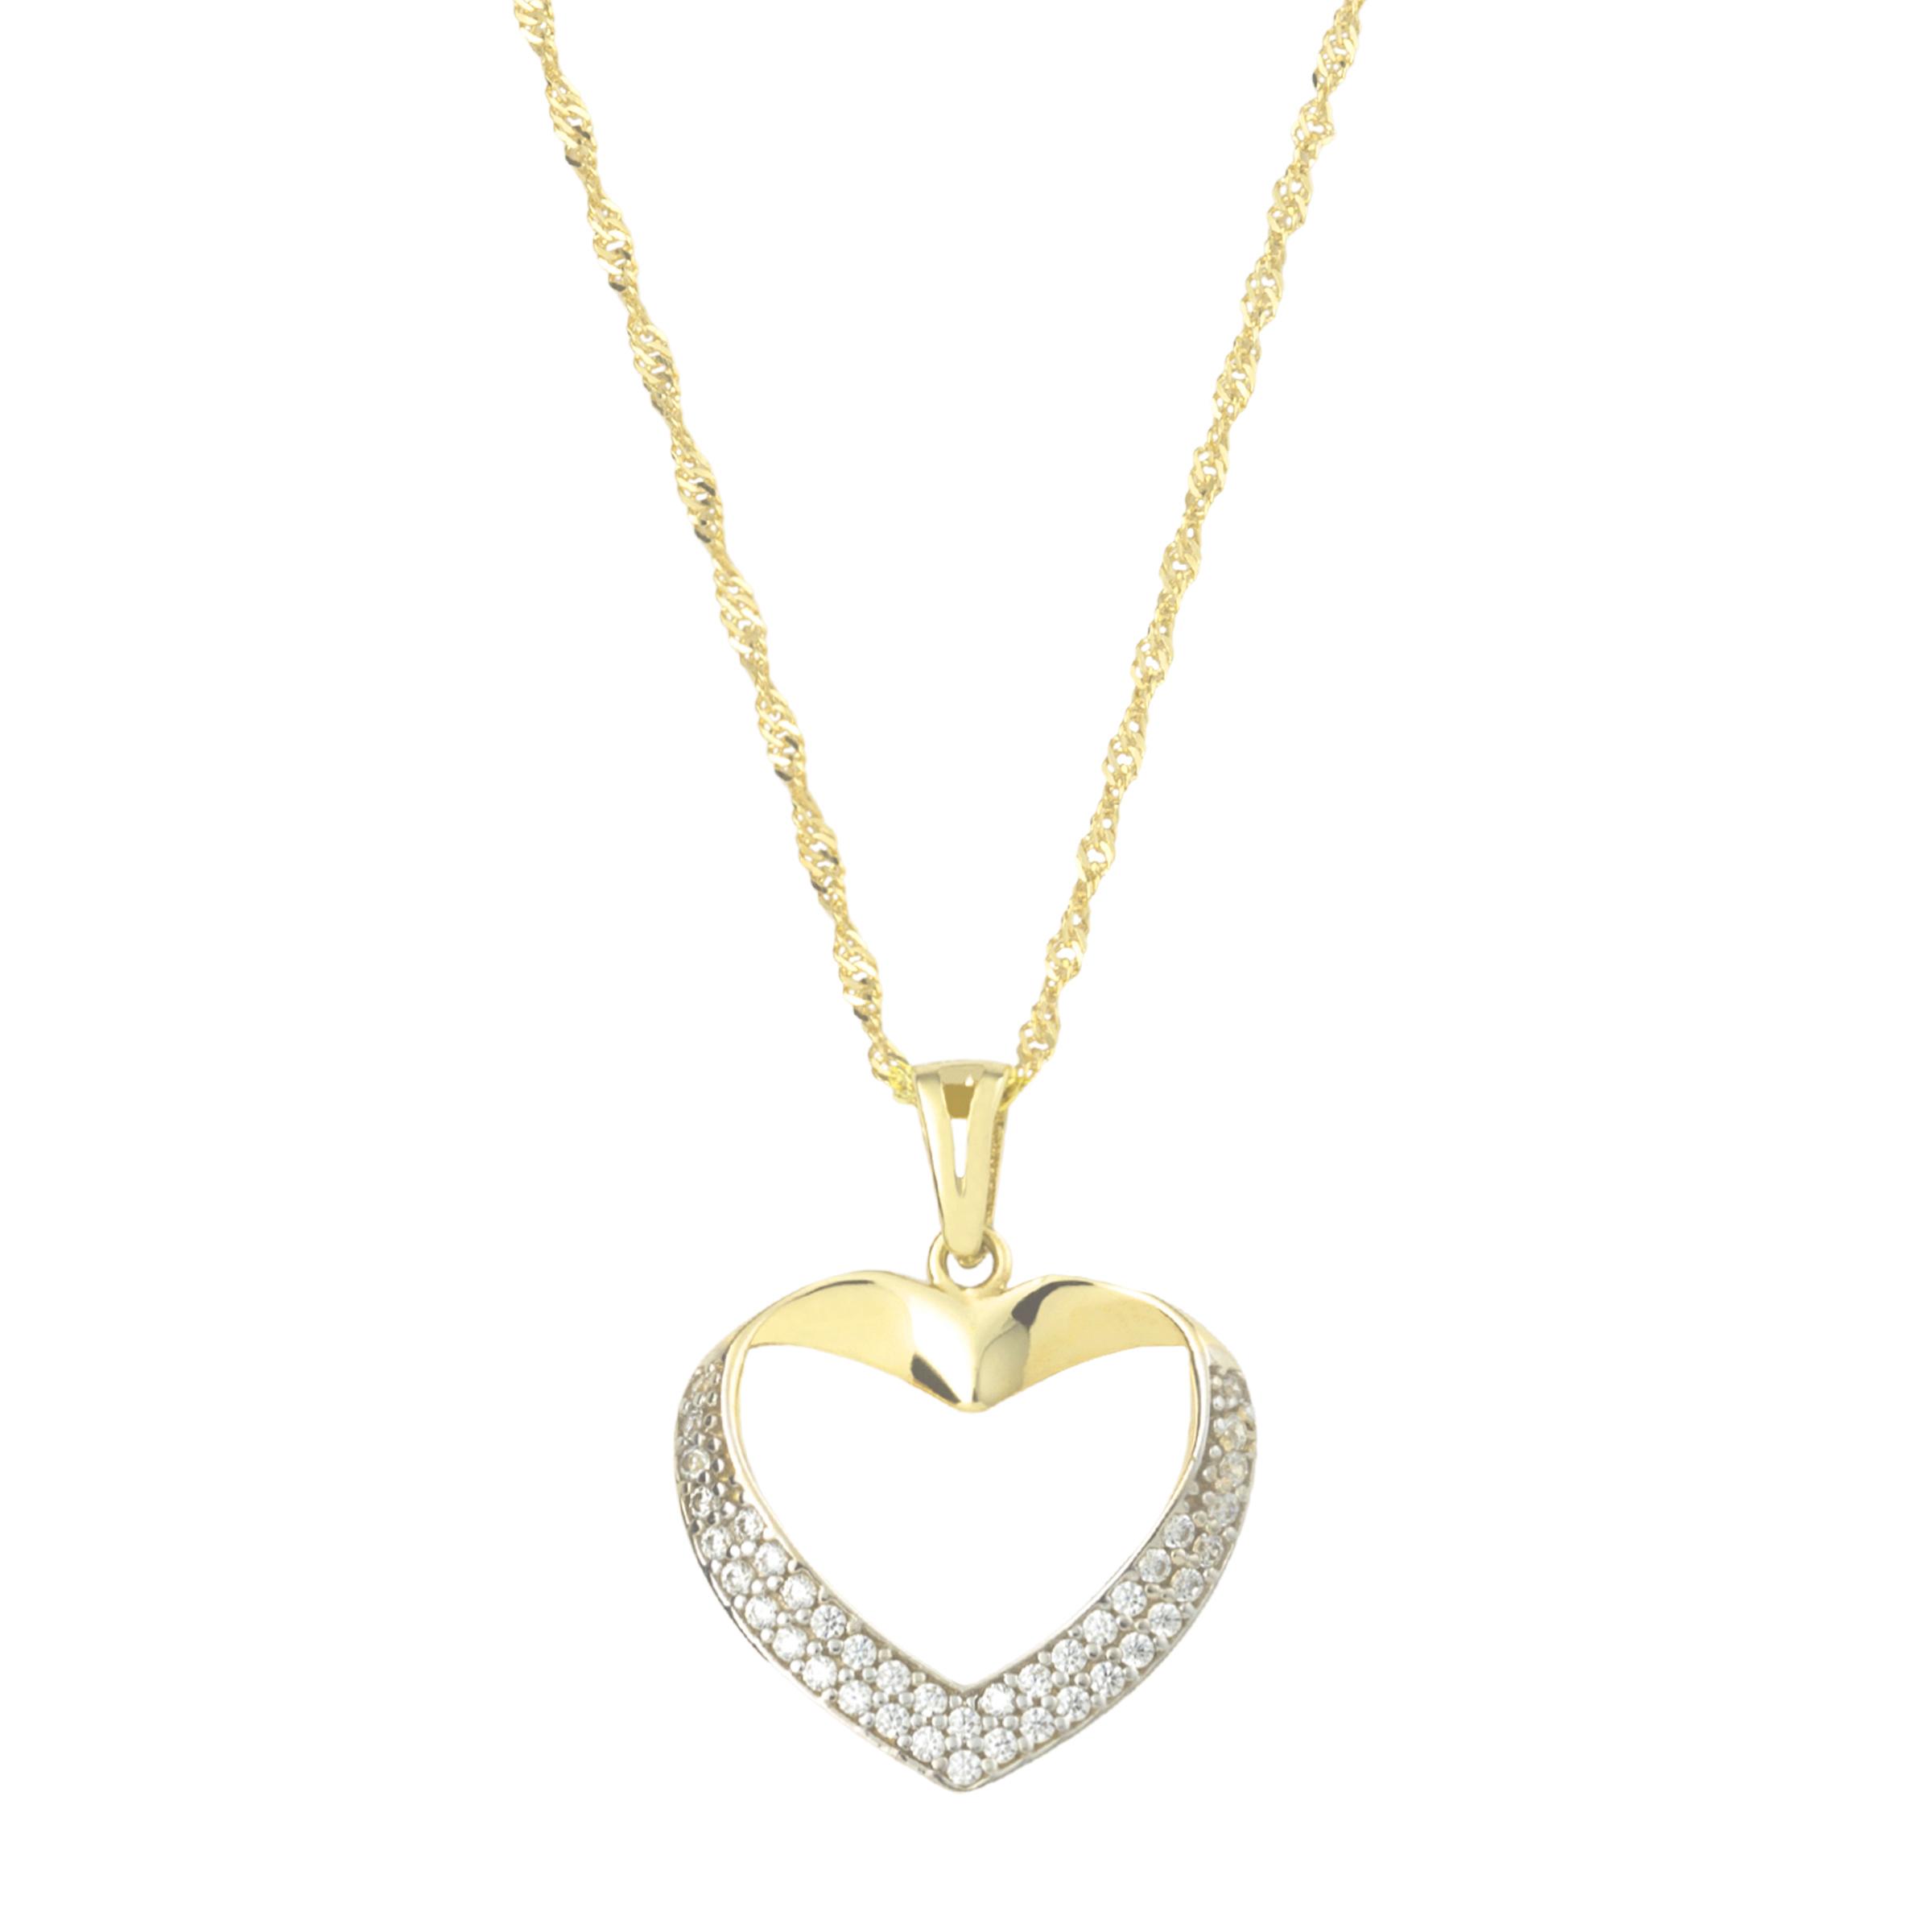 Kette mit Anhänger für Damen, Gold 375 Herz, Zirkonia